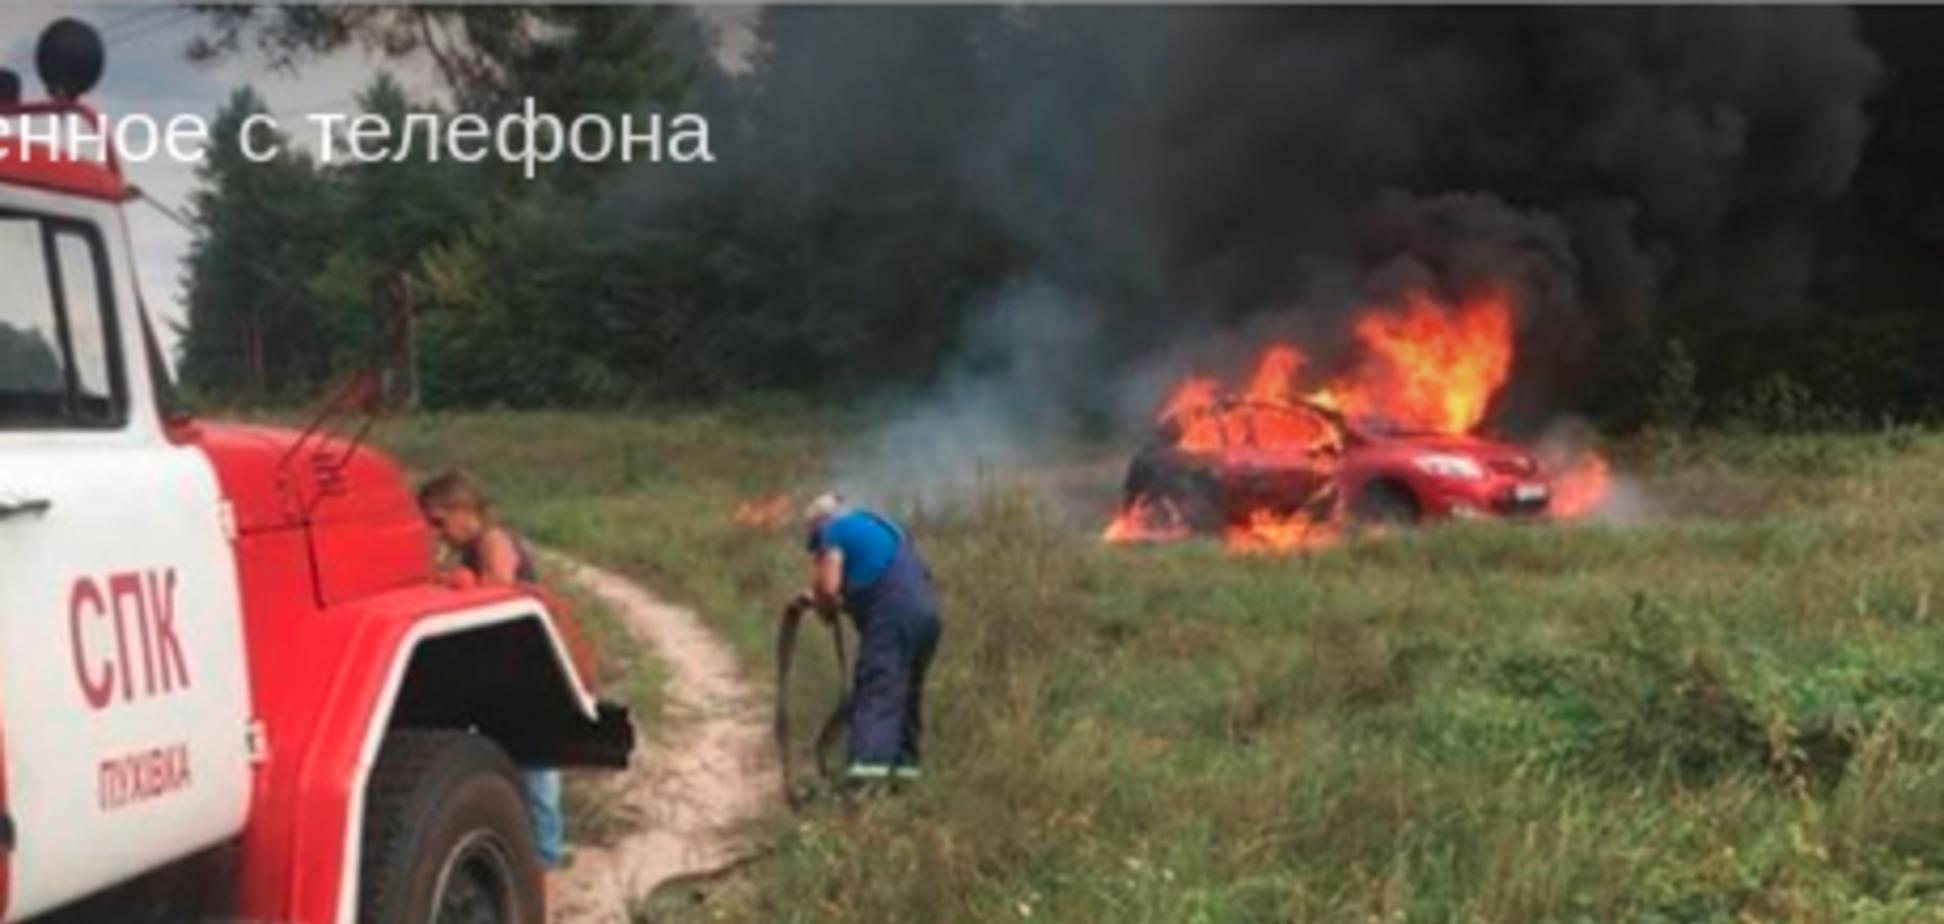 'Слабоумство і відвага': під Києвом автоледі ненавмисно застрягла в багатті і спалила дотла Toyota